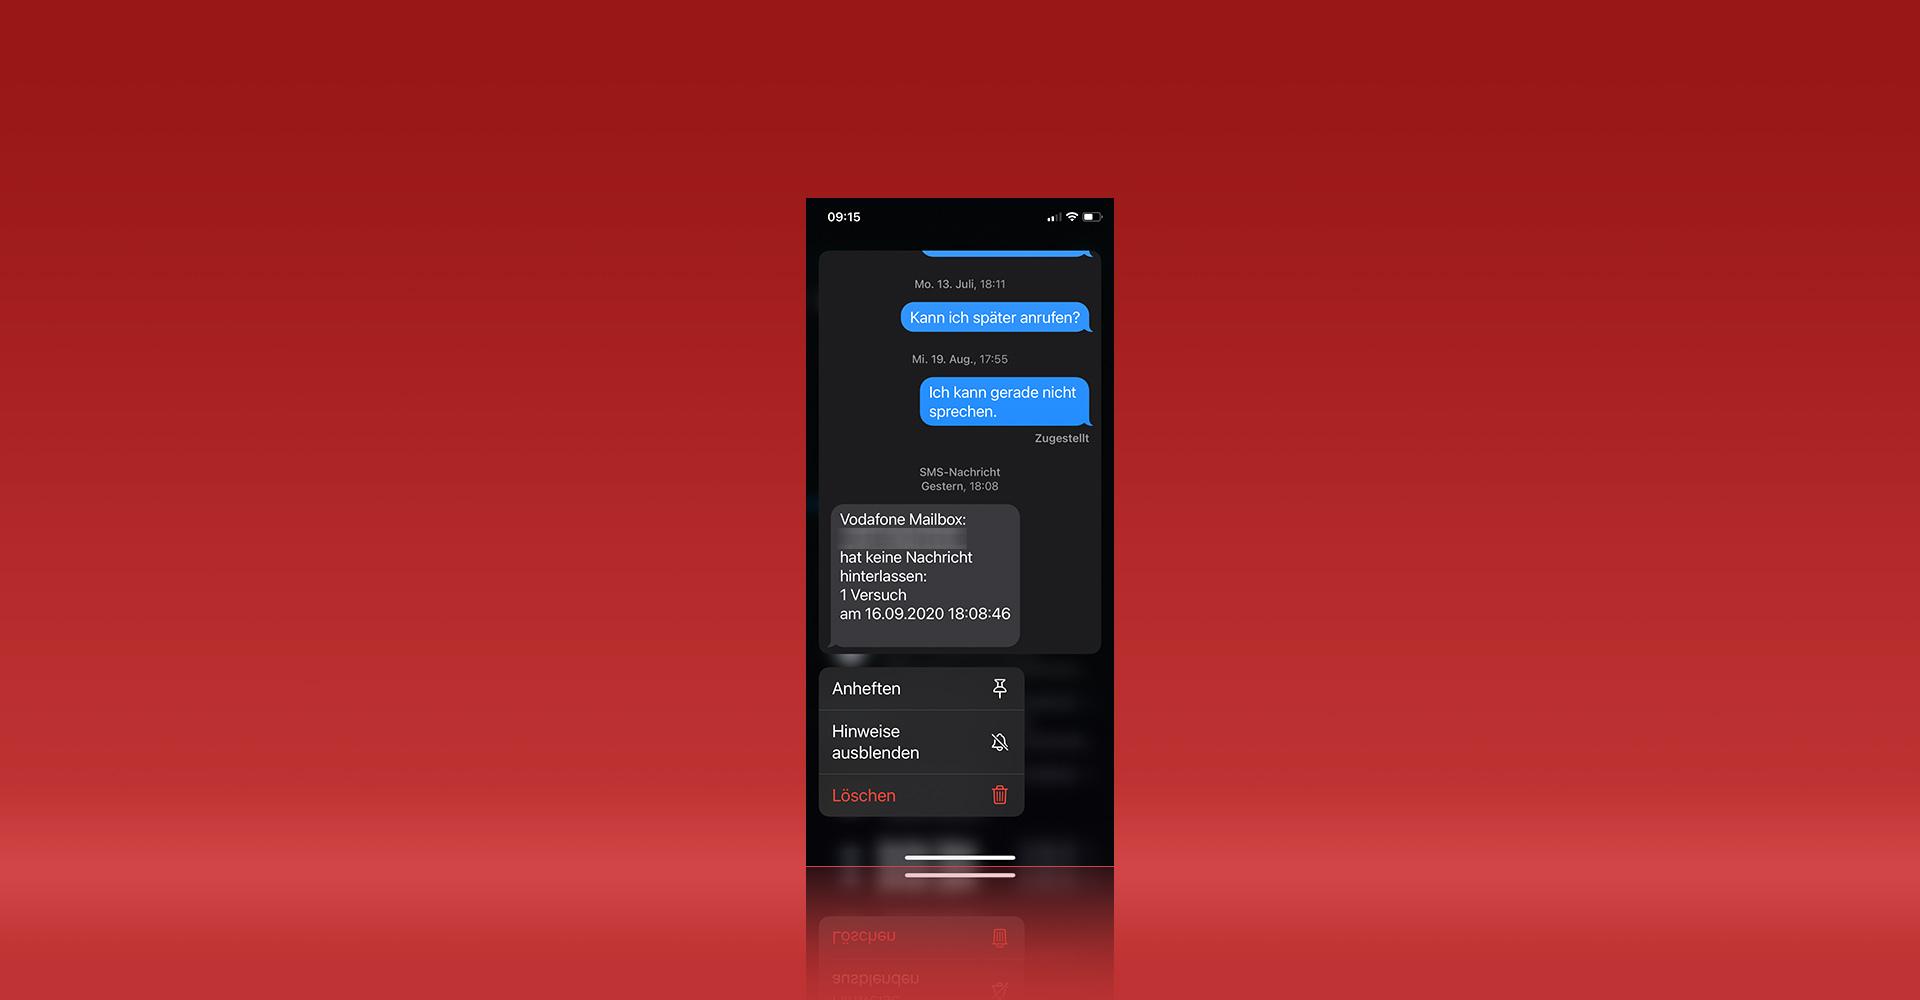 Wichtige Chats in der Nachrichten-App anpinnen